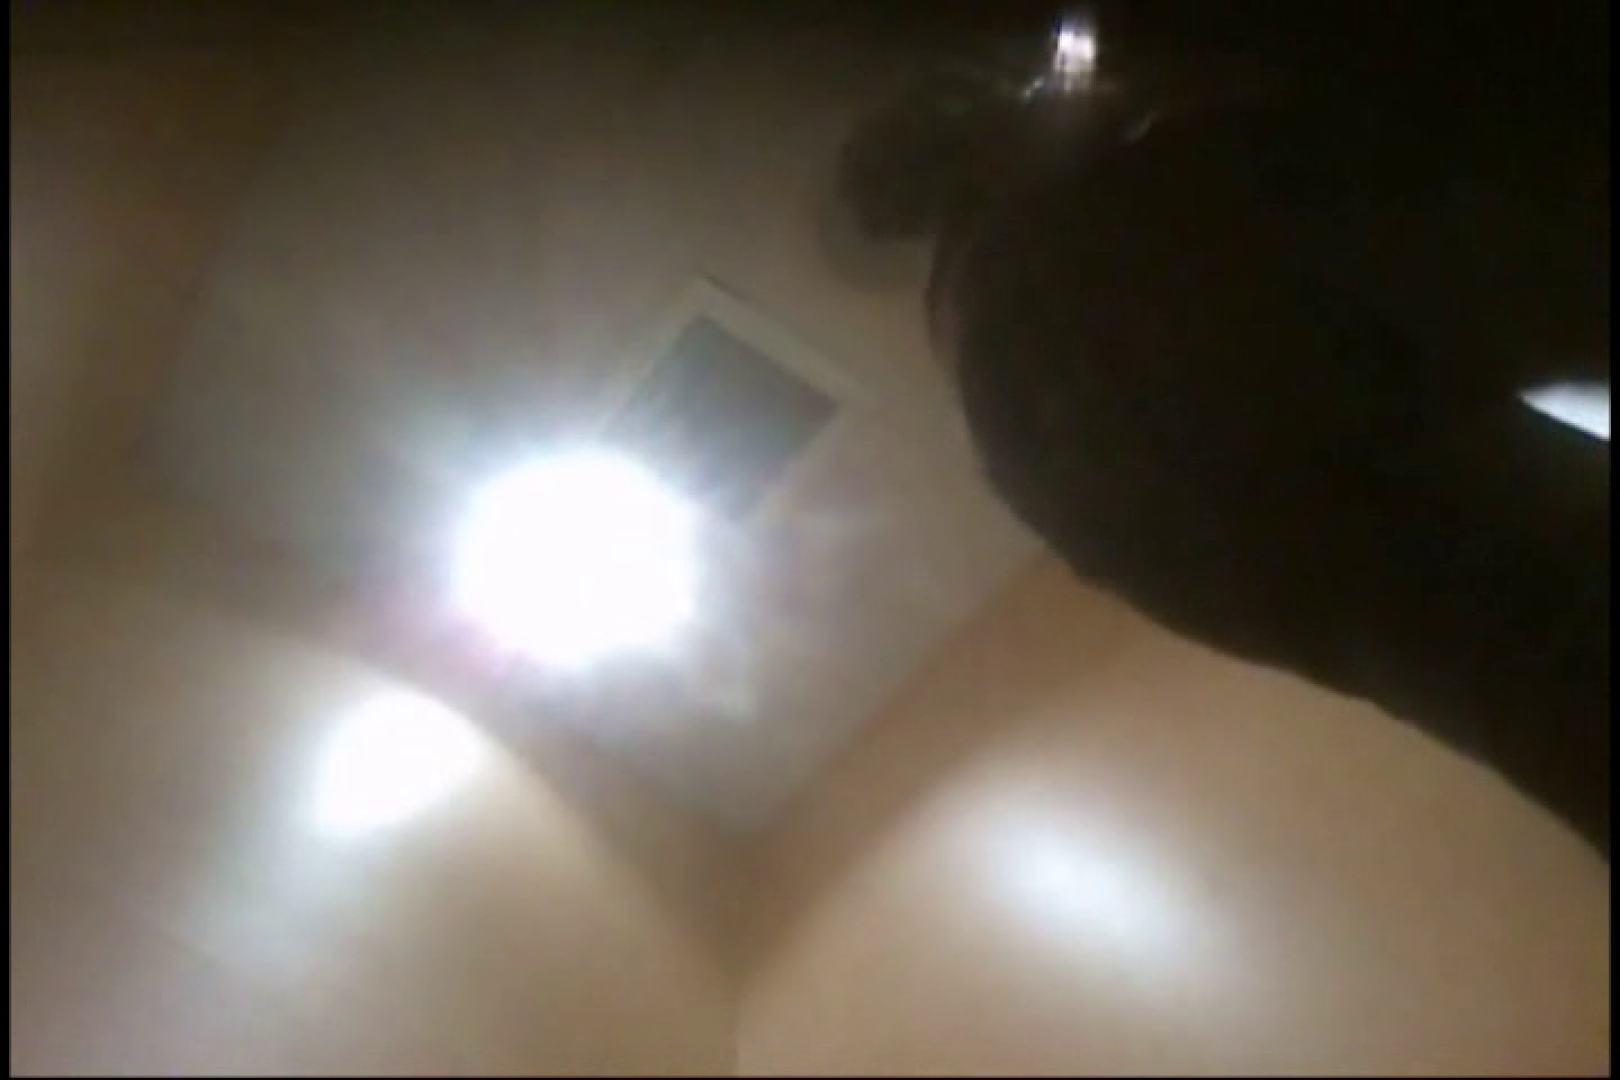 画質向上!新亀さん厠 vol.53 マンコエロすぎ すけべAV動画紹介 81PIX 42